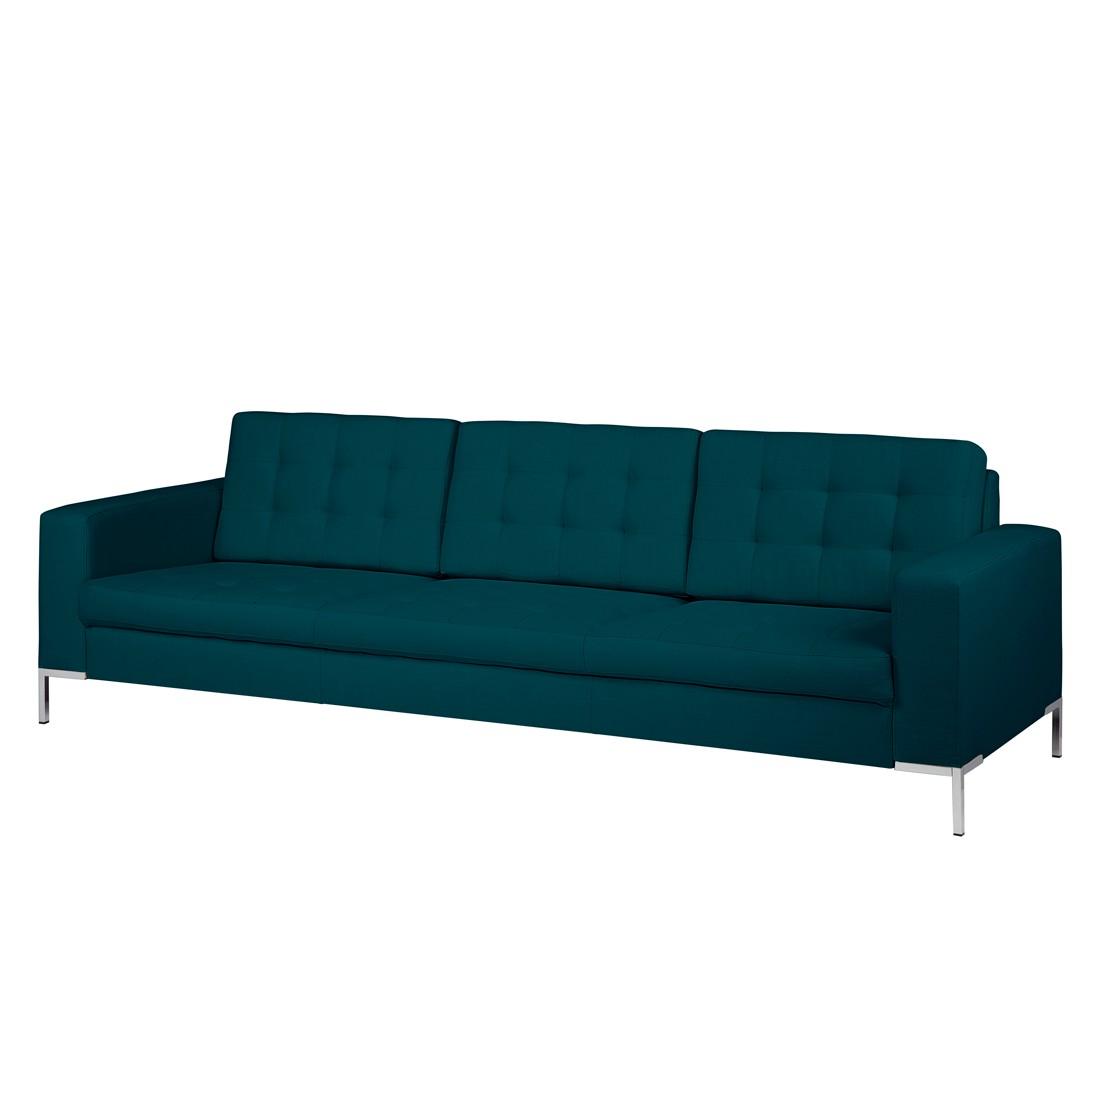 Sofa Nistra 3 Sitzer Stoff Blaugrün Fredriks Jetzt Bestellen